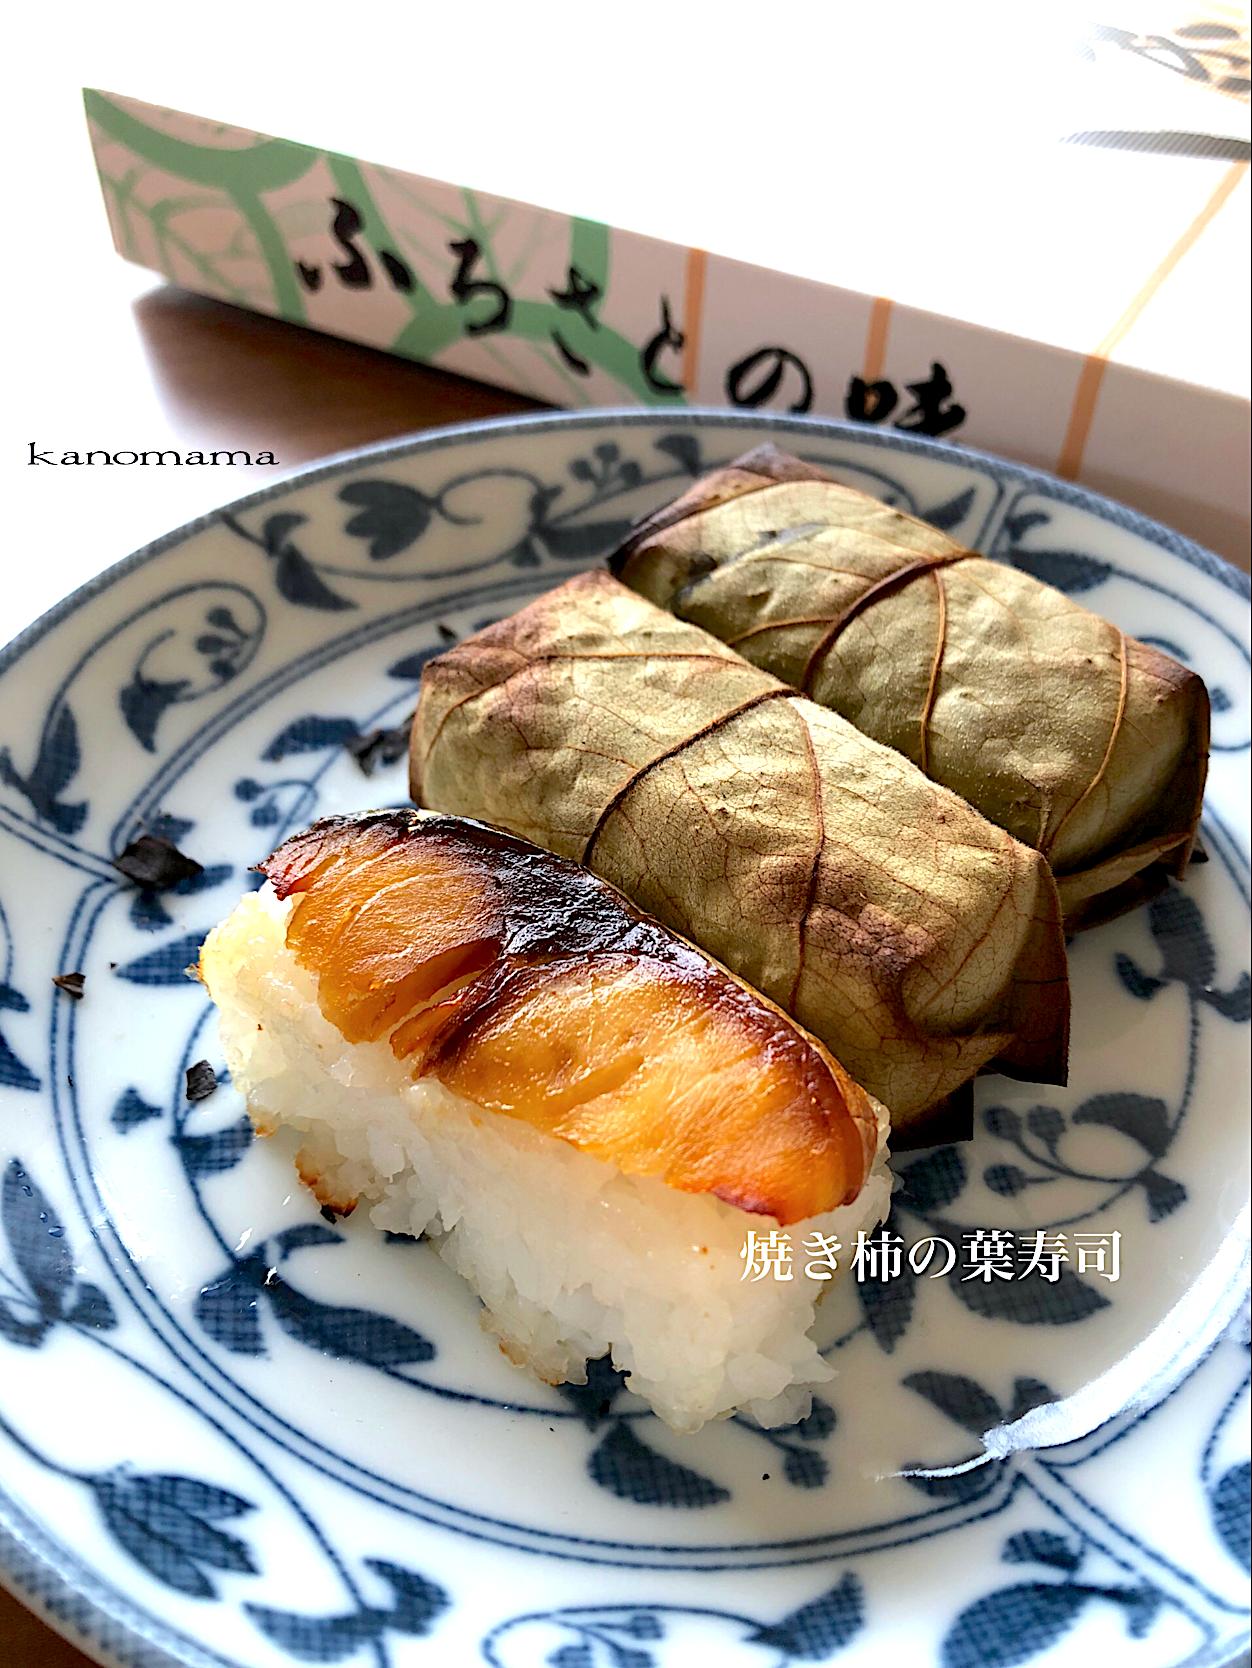 作り方 寿司 柿 葉 の